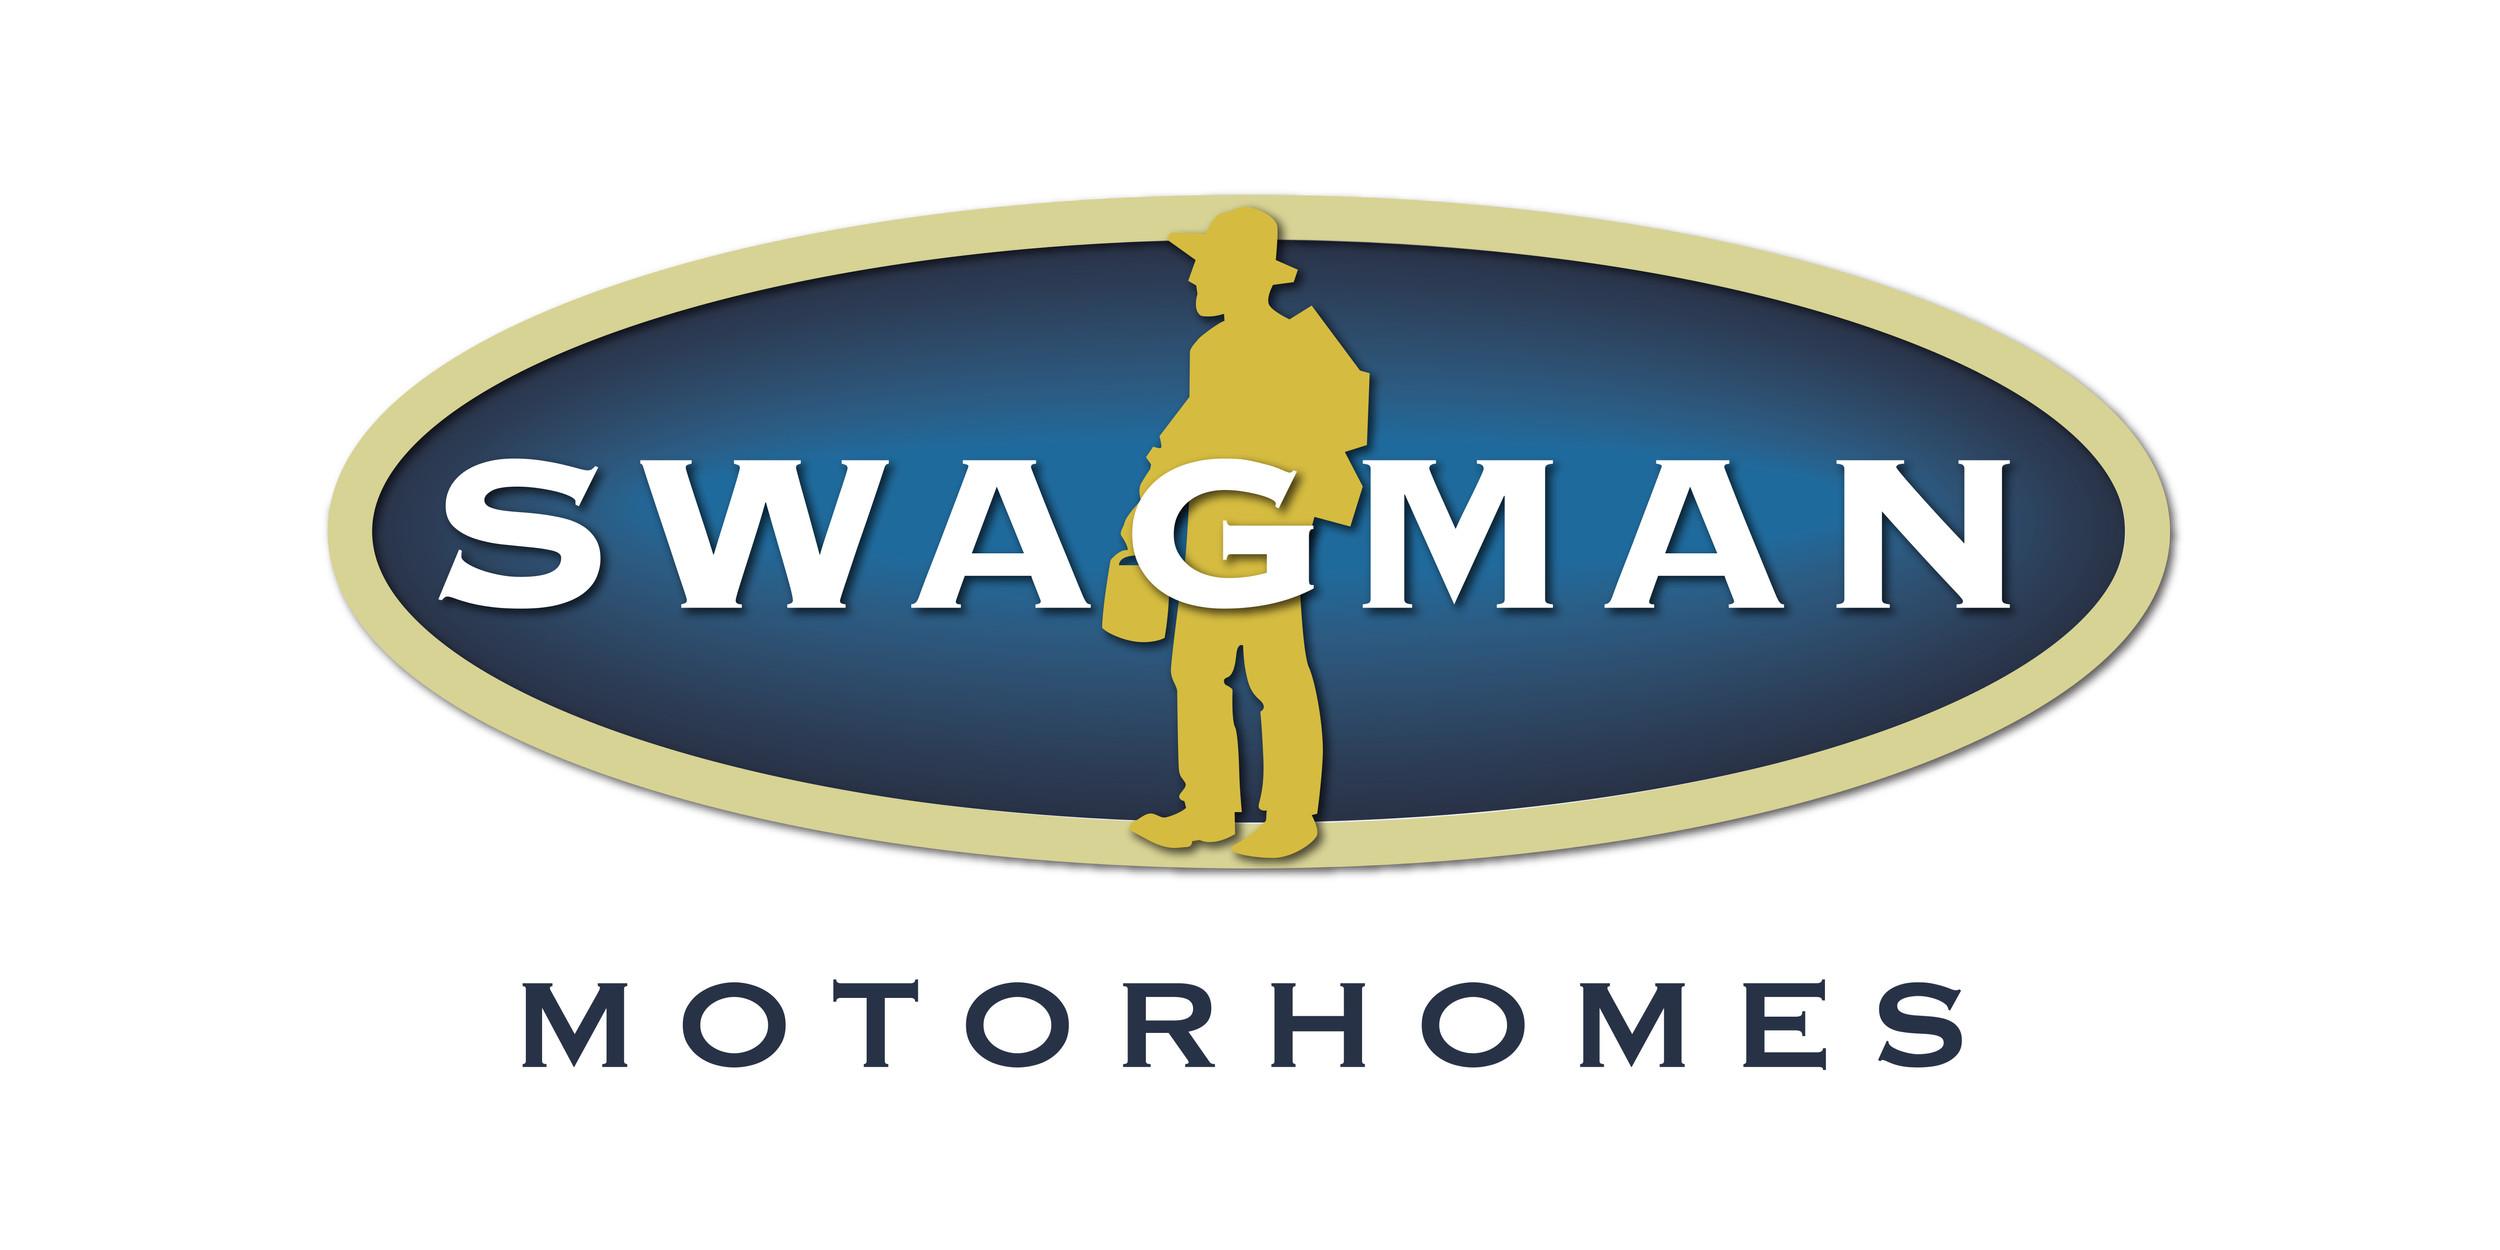 Swagman Luxury Motorhomes | Australia | Motorhomes For Sale or Rent